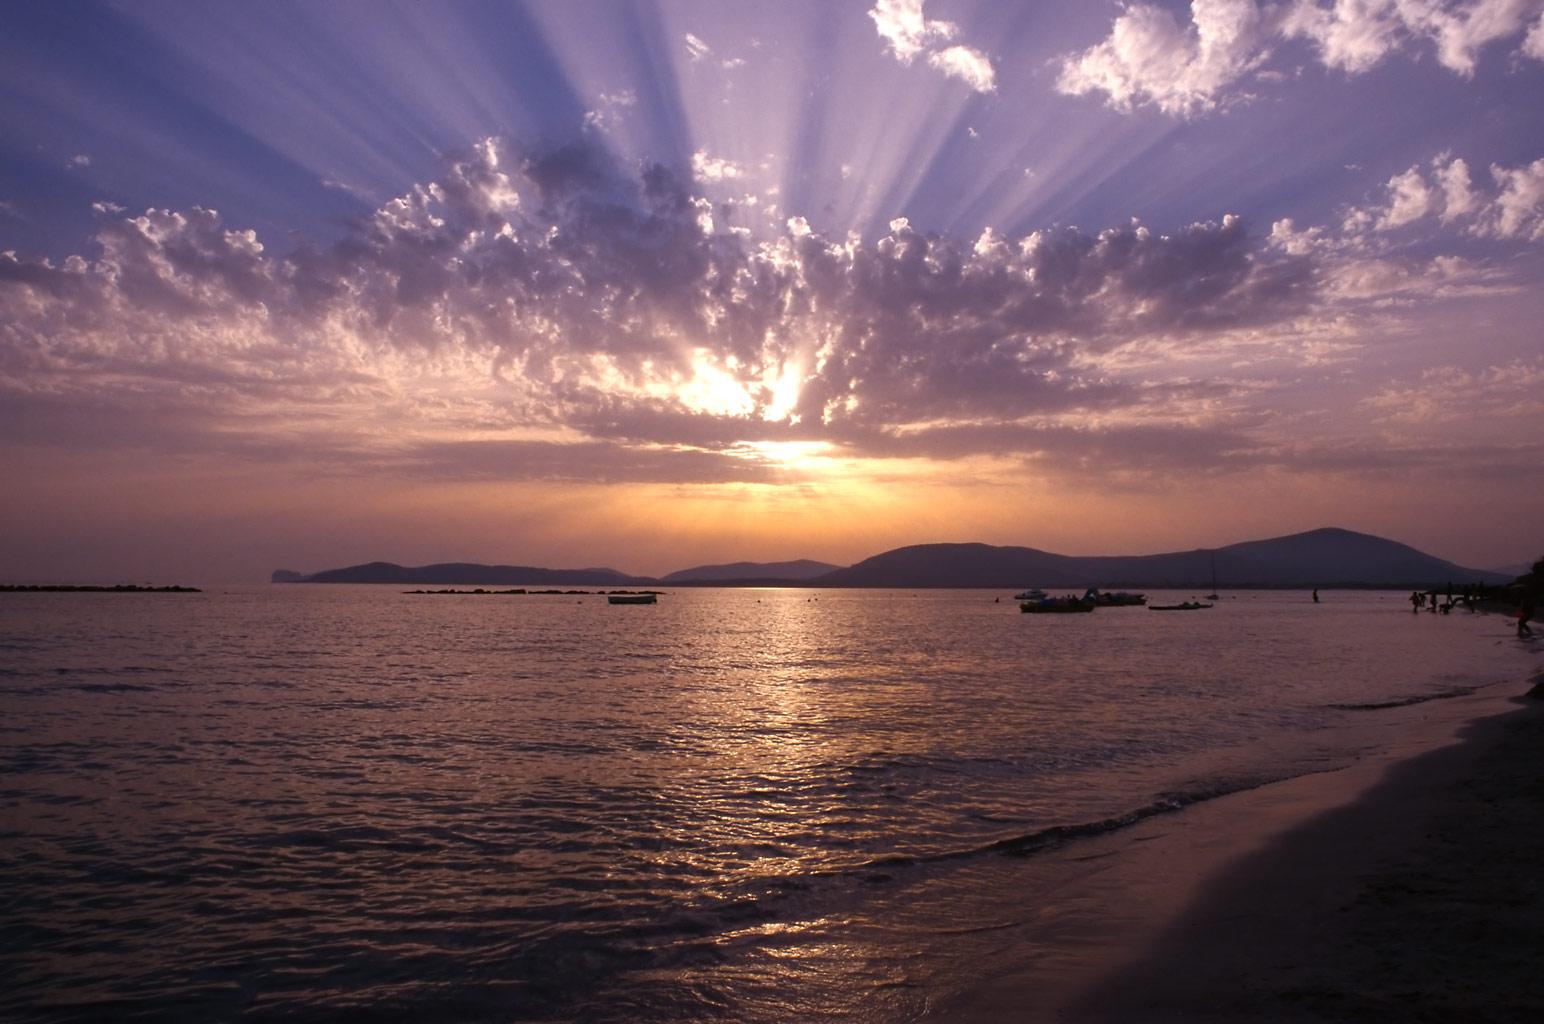 http://4.bp.blogspot.com/_HRfo4iKKLgE/TCsCSZABA0I/AAAAAAAAAJI/7Cyj83Y2Je8/s1600/balda_sunset_sardinia_beach.jpg